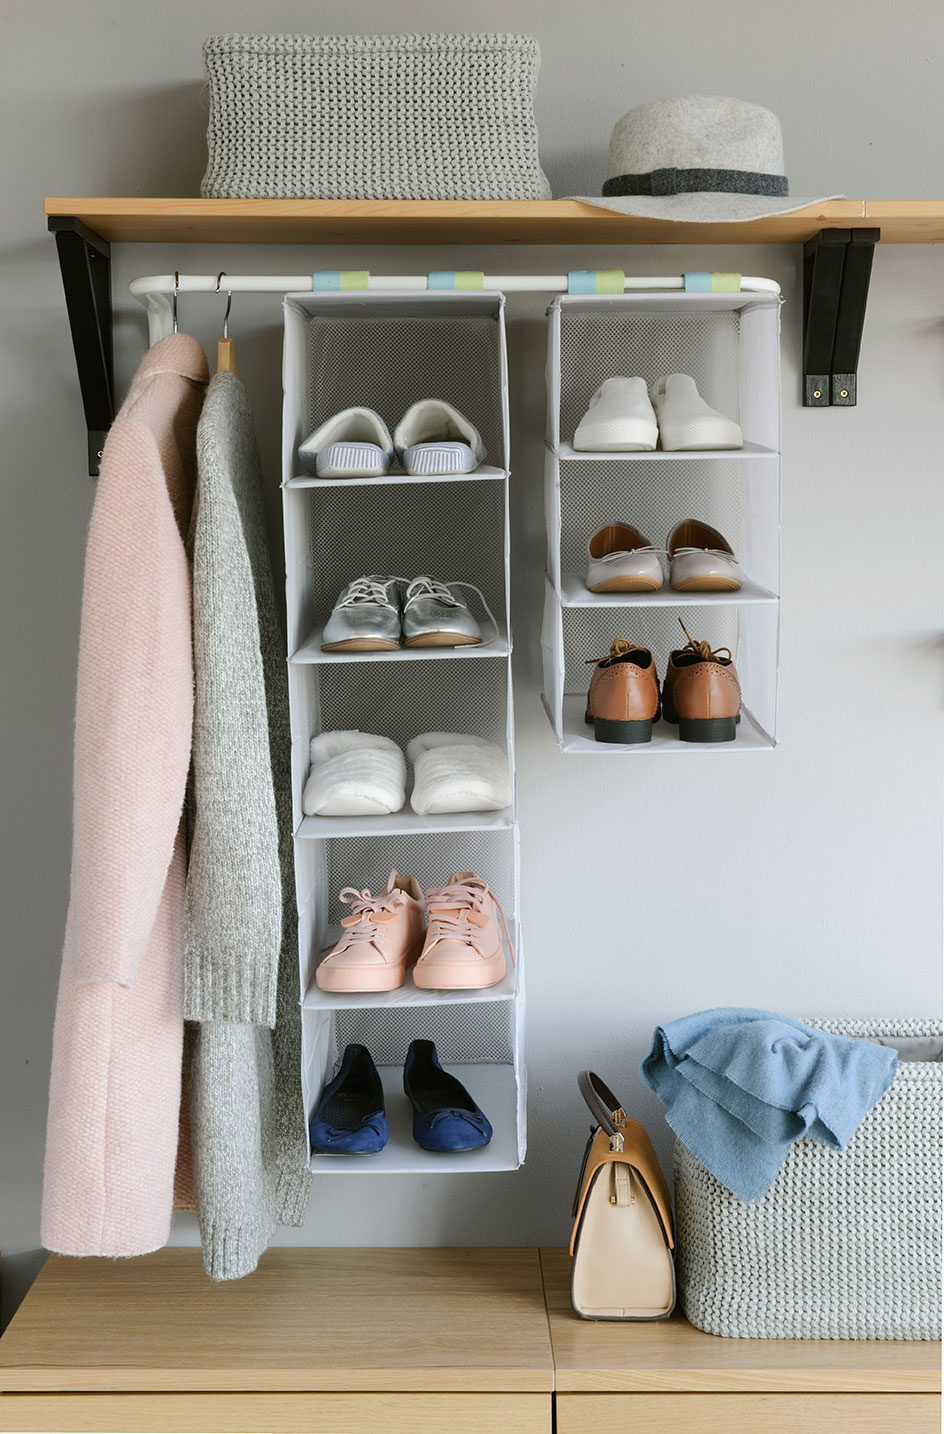 542736cd4 Aprende a guardar bien tus zapatos